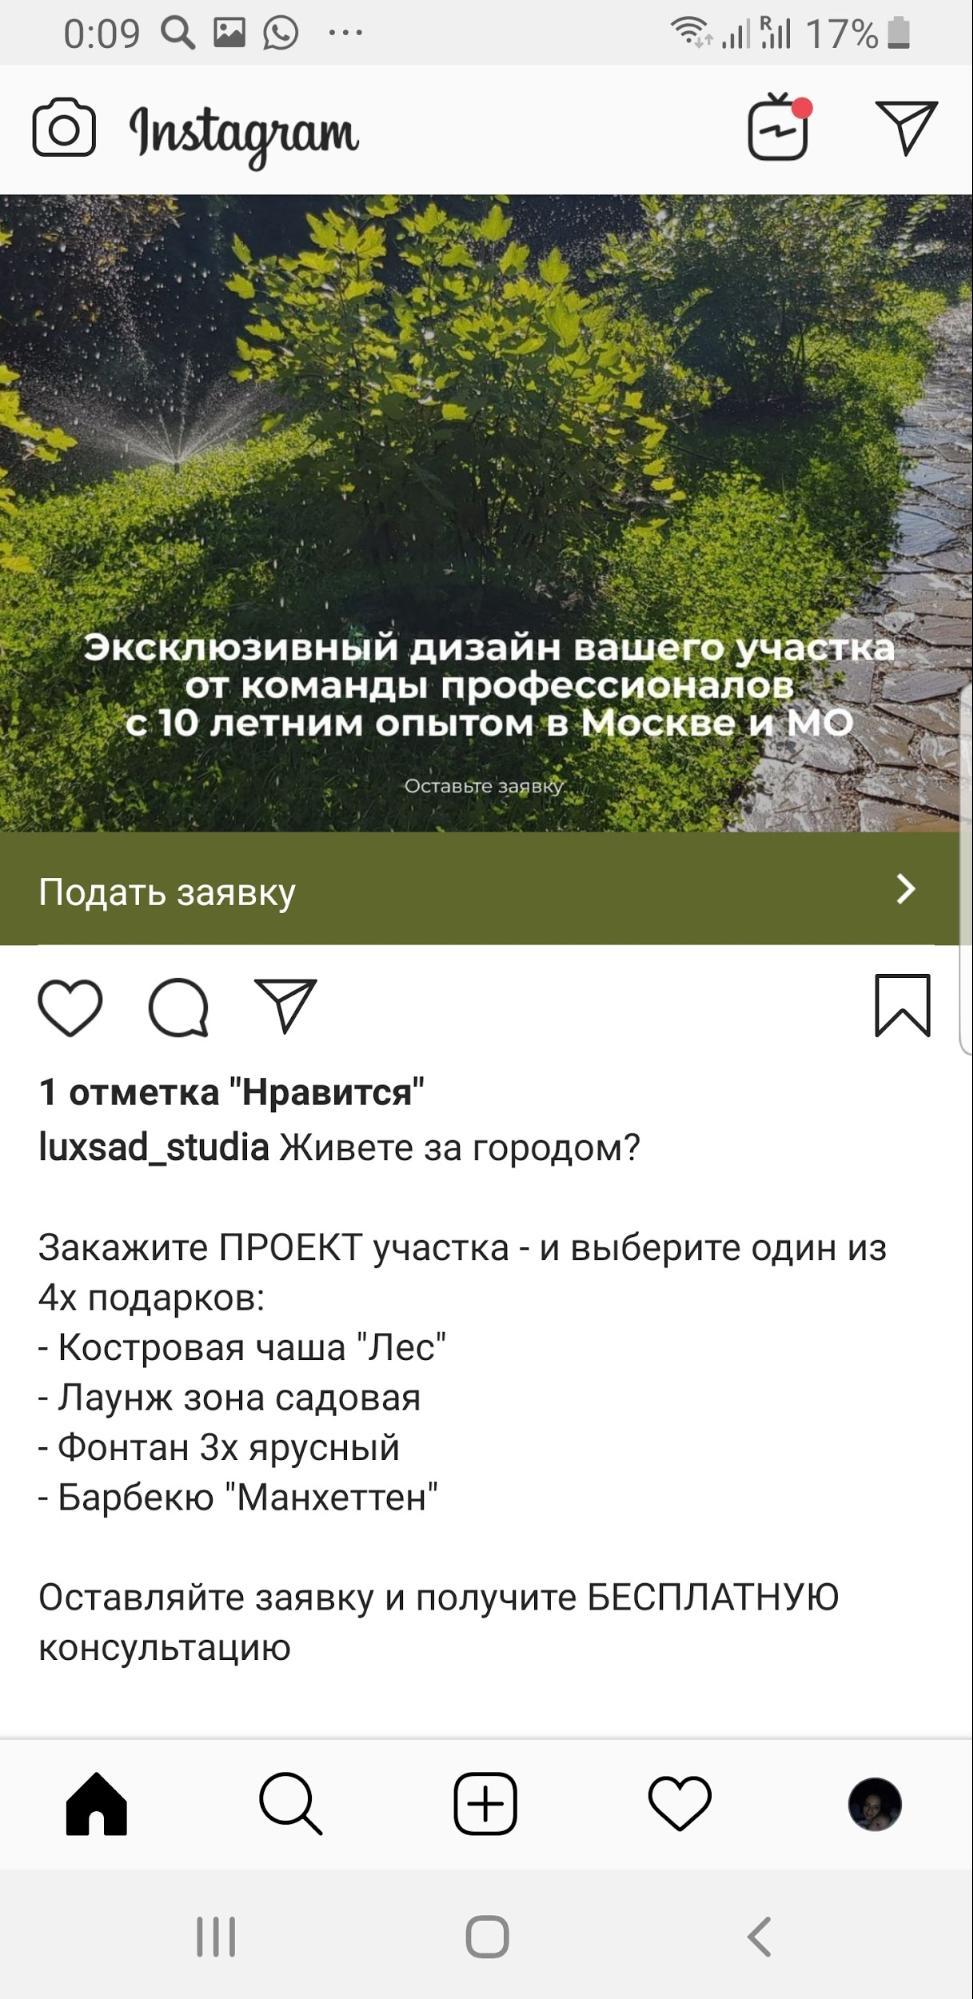 Акции в Instagram